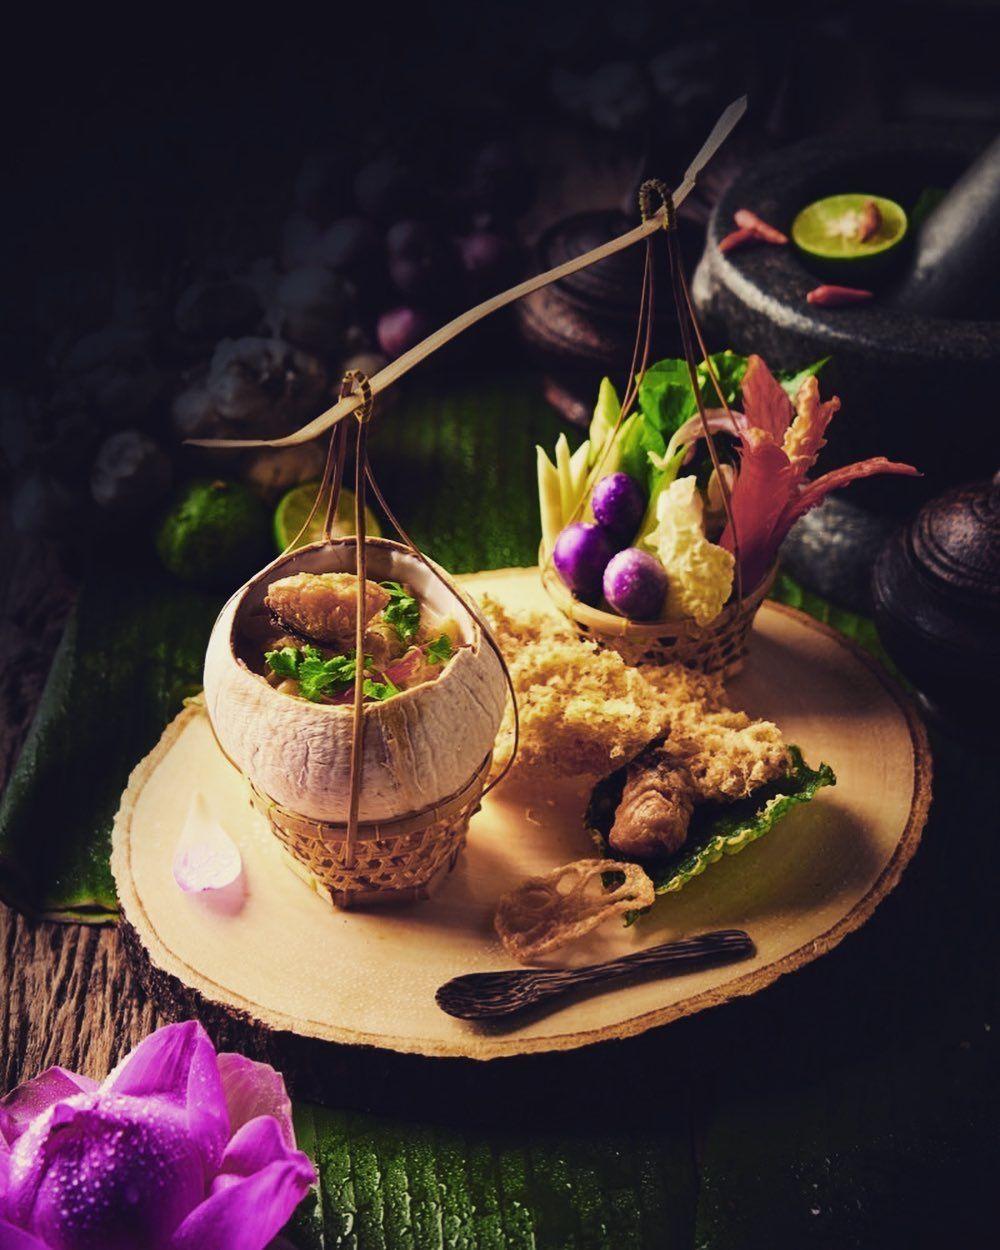 อาหารไทยโบราณชาวว งหาทานยาก Duaeg Rithi Food Stylish ภาพอาหาร การตกแต งจานอาหาร การถ ายภาพอาหาร